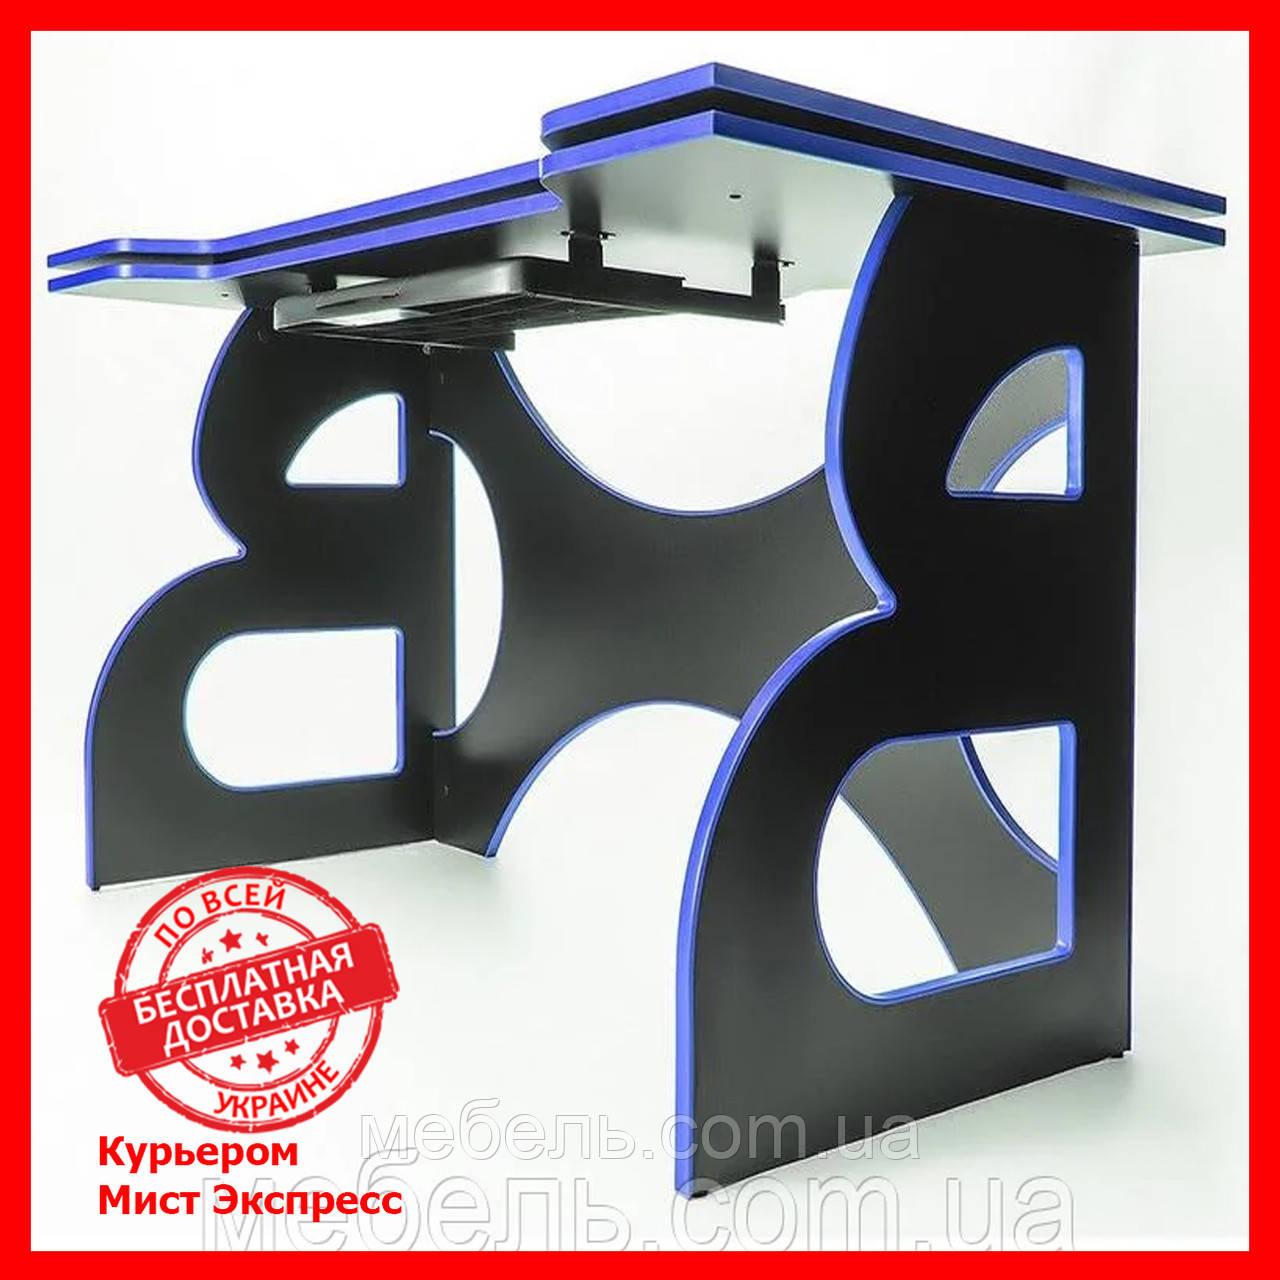 Компьютерный стол с тумбой Barsky Game Blue HG-04/СUP-04/ПК-01